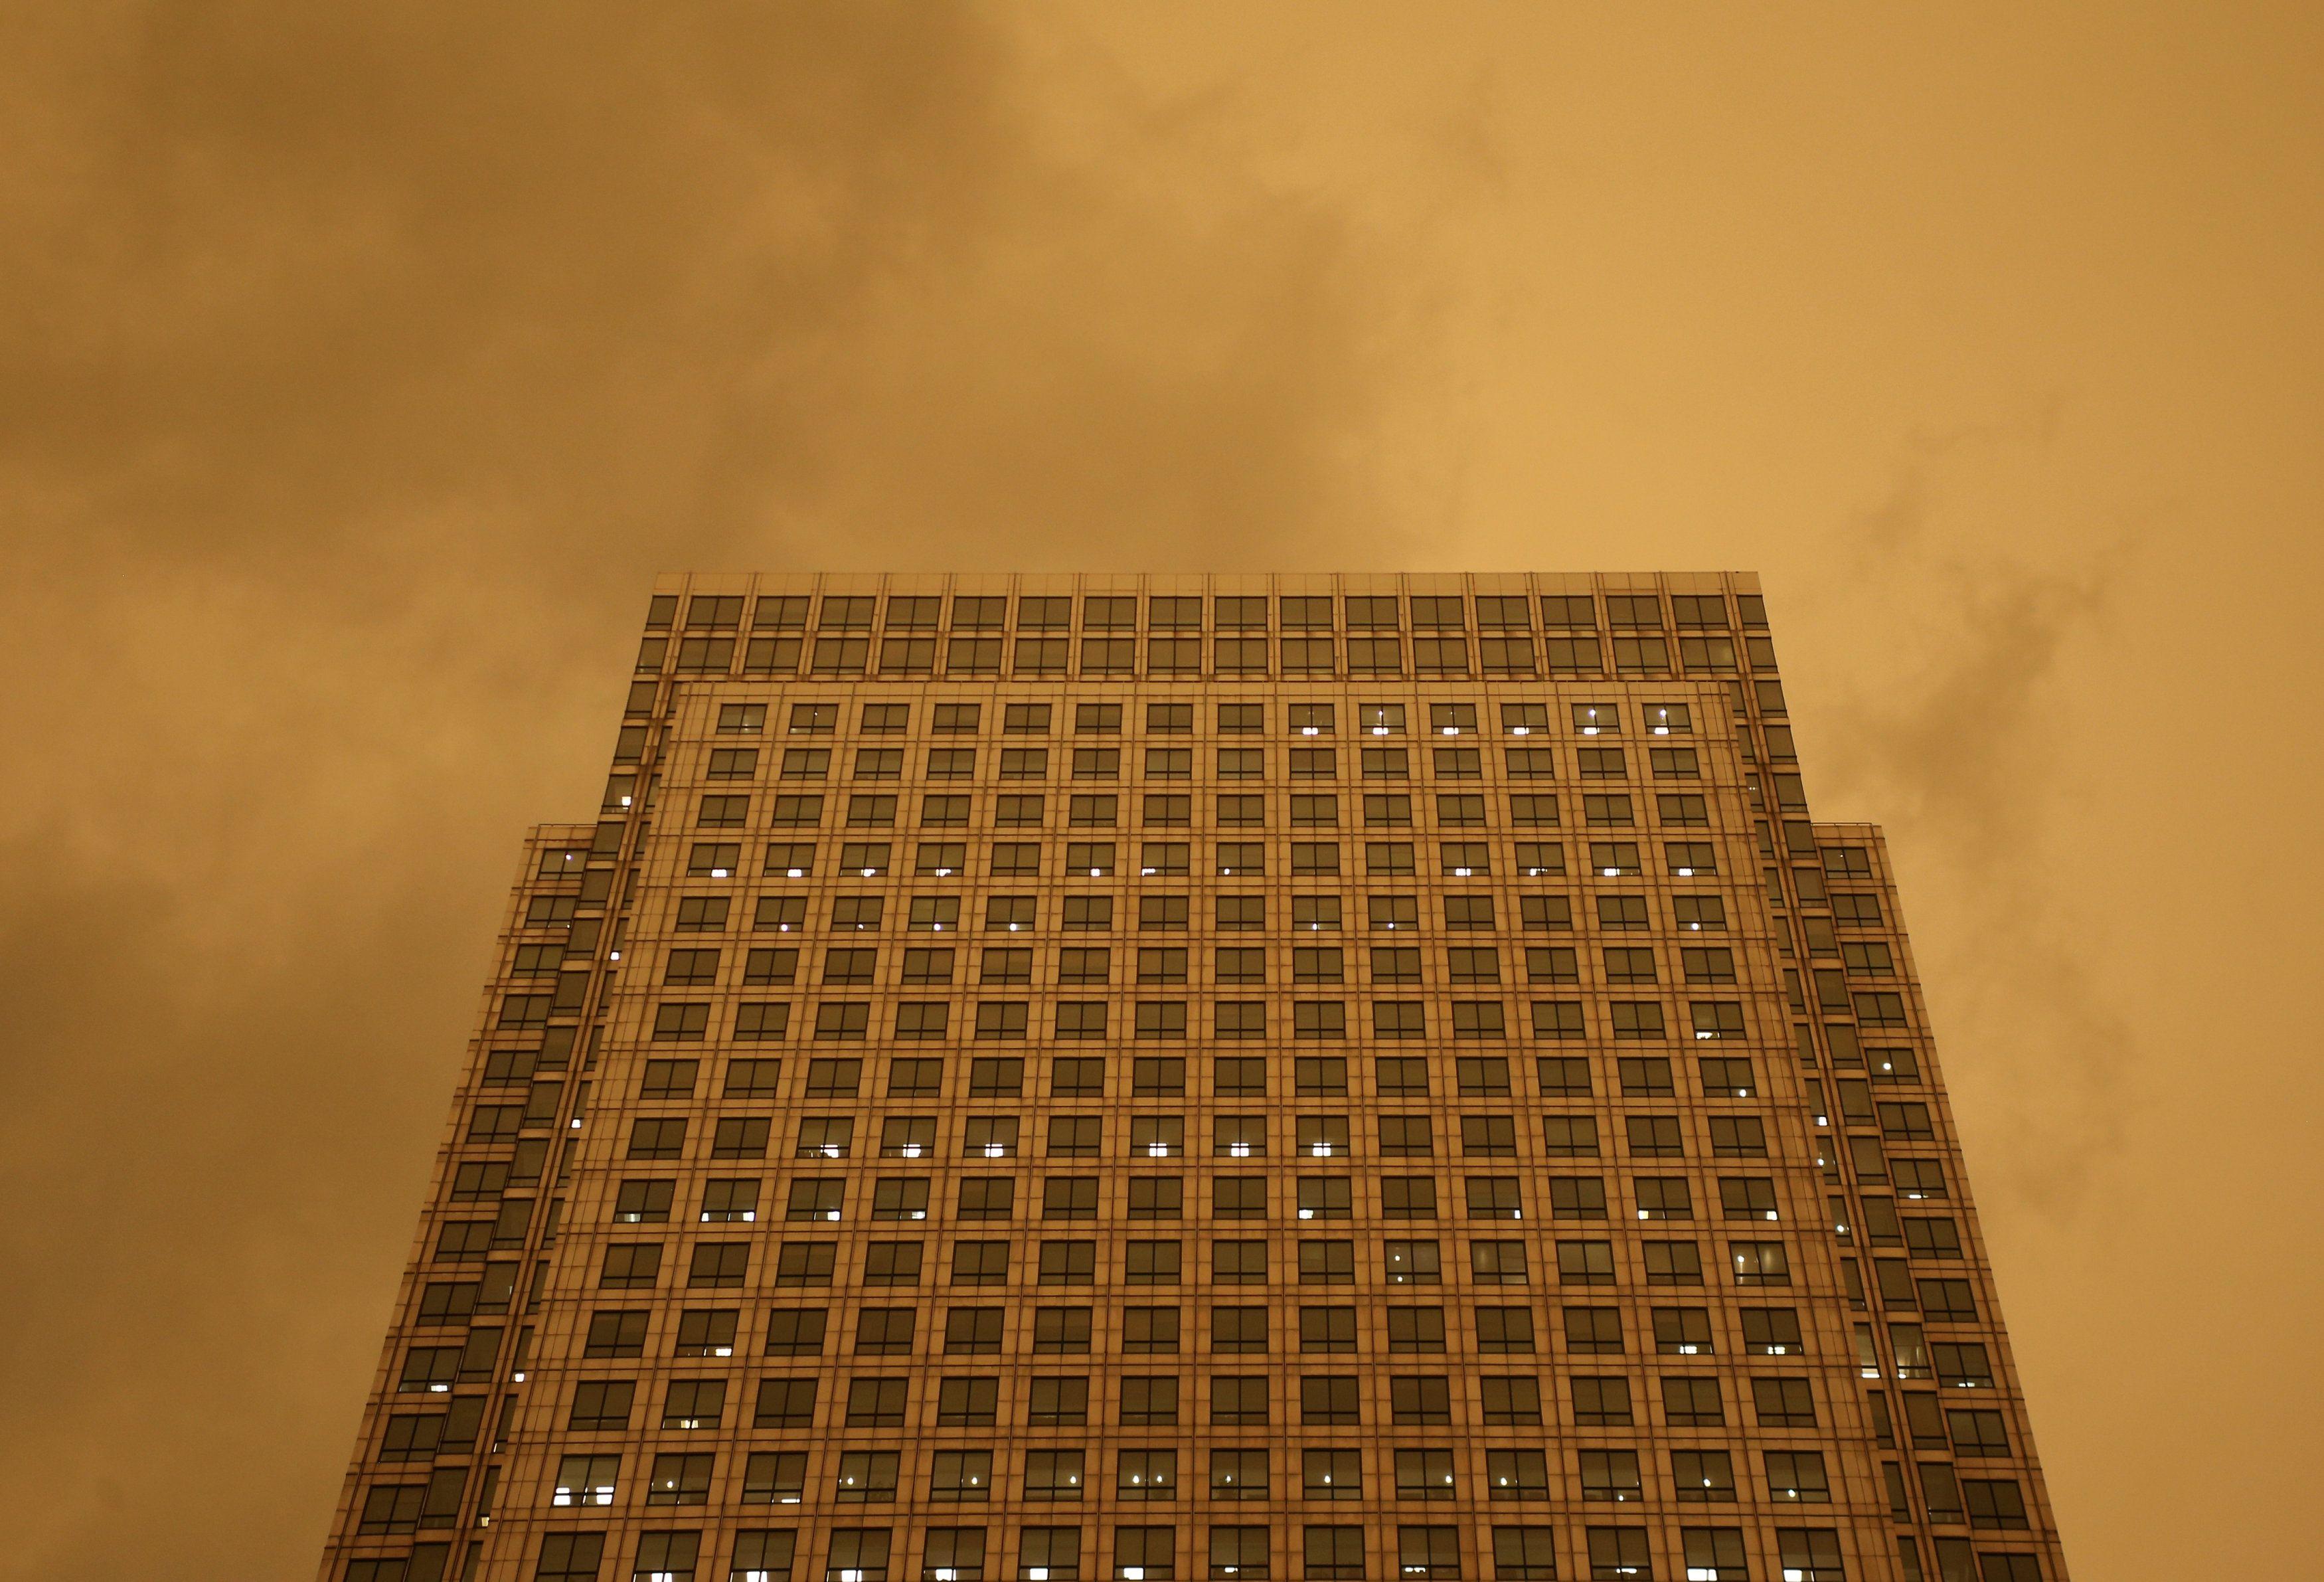 Кроме непогоды, ураган принес в Британию рыжий пепел, которым затянуло небо / фото REUTERS